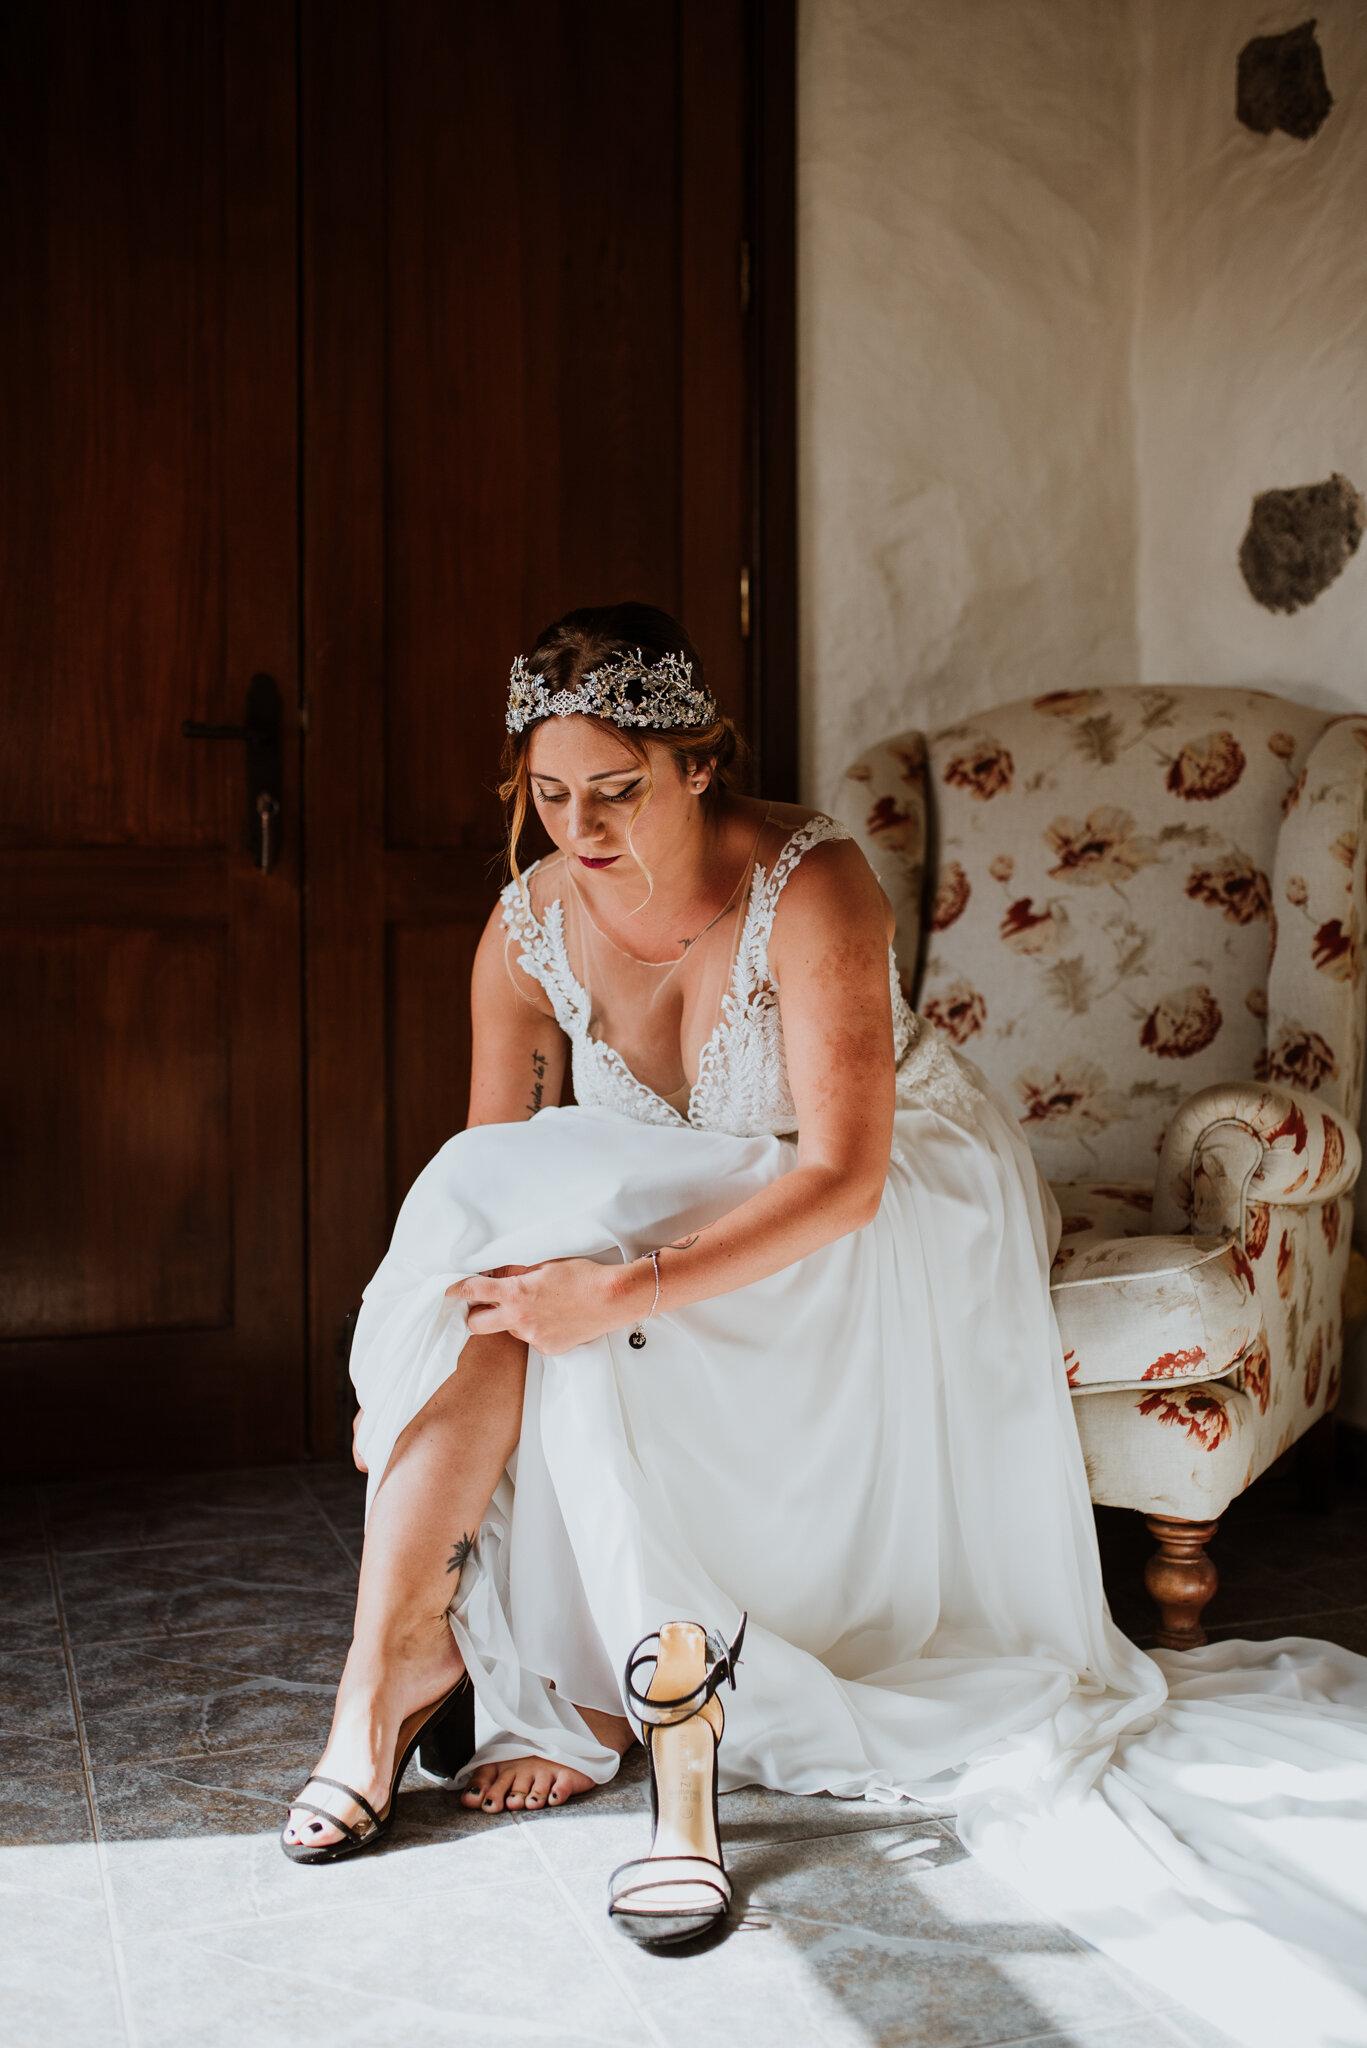 fotografo de bodas las palmas_-38.jpg